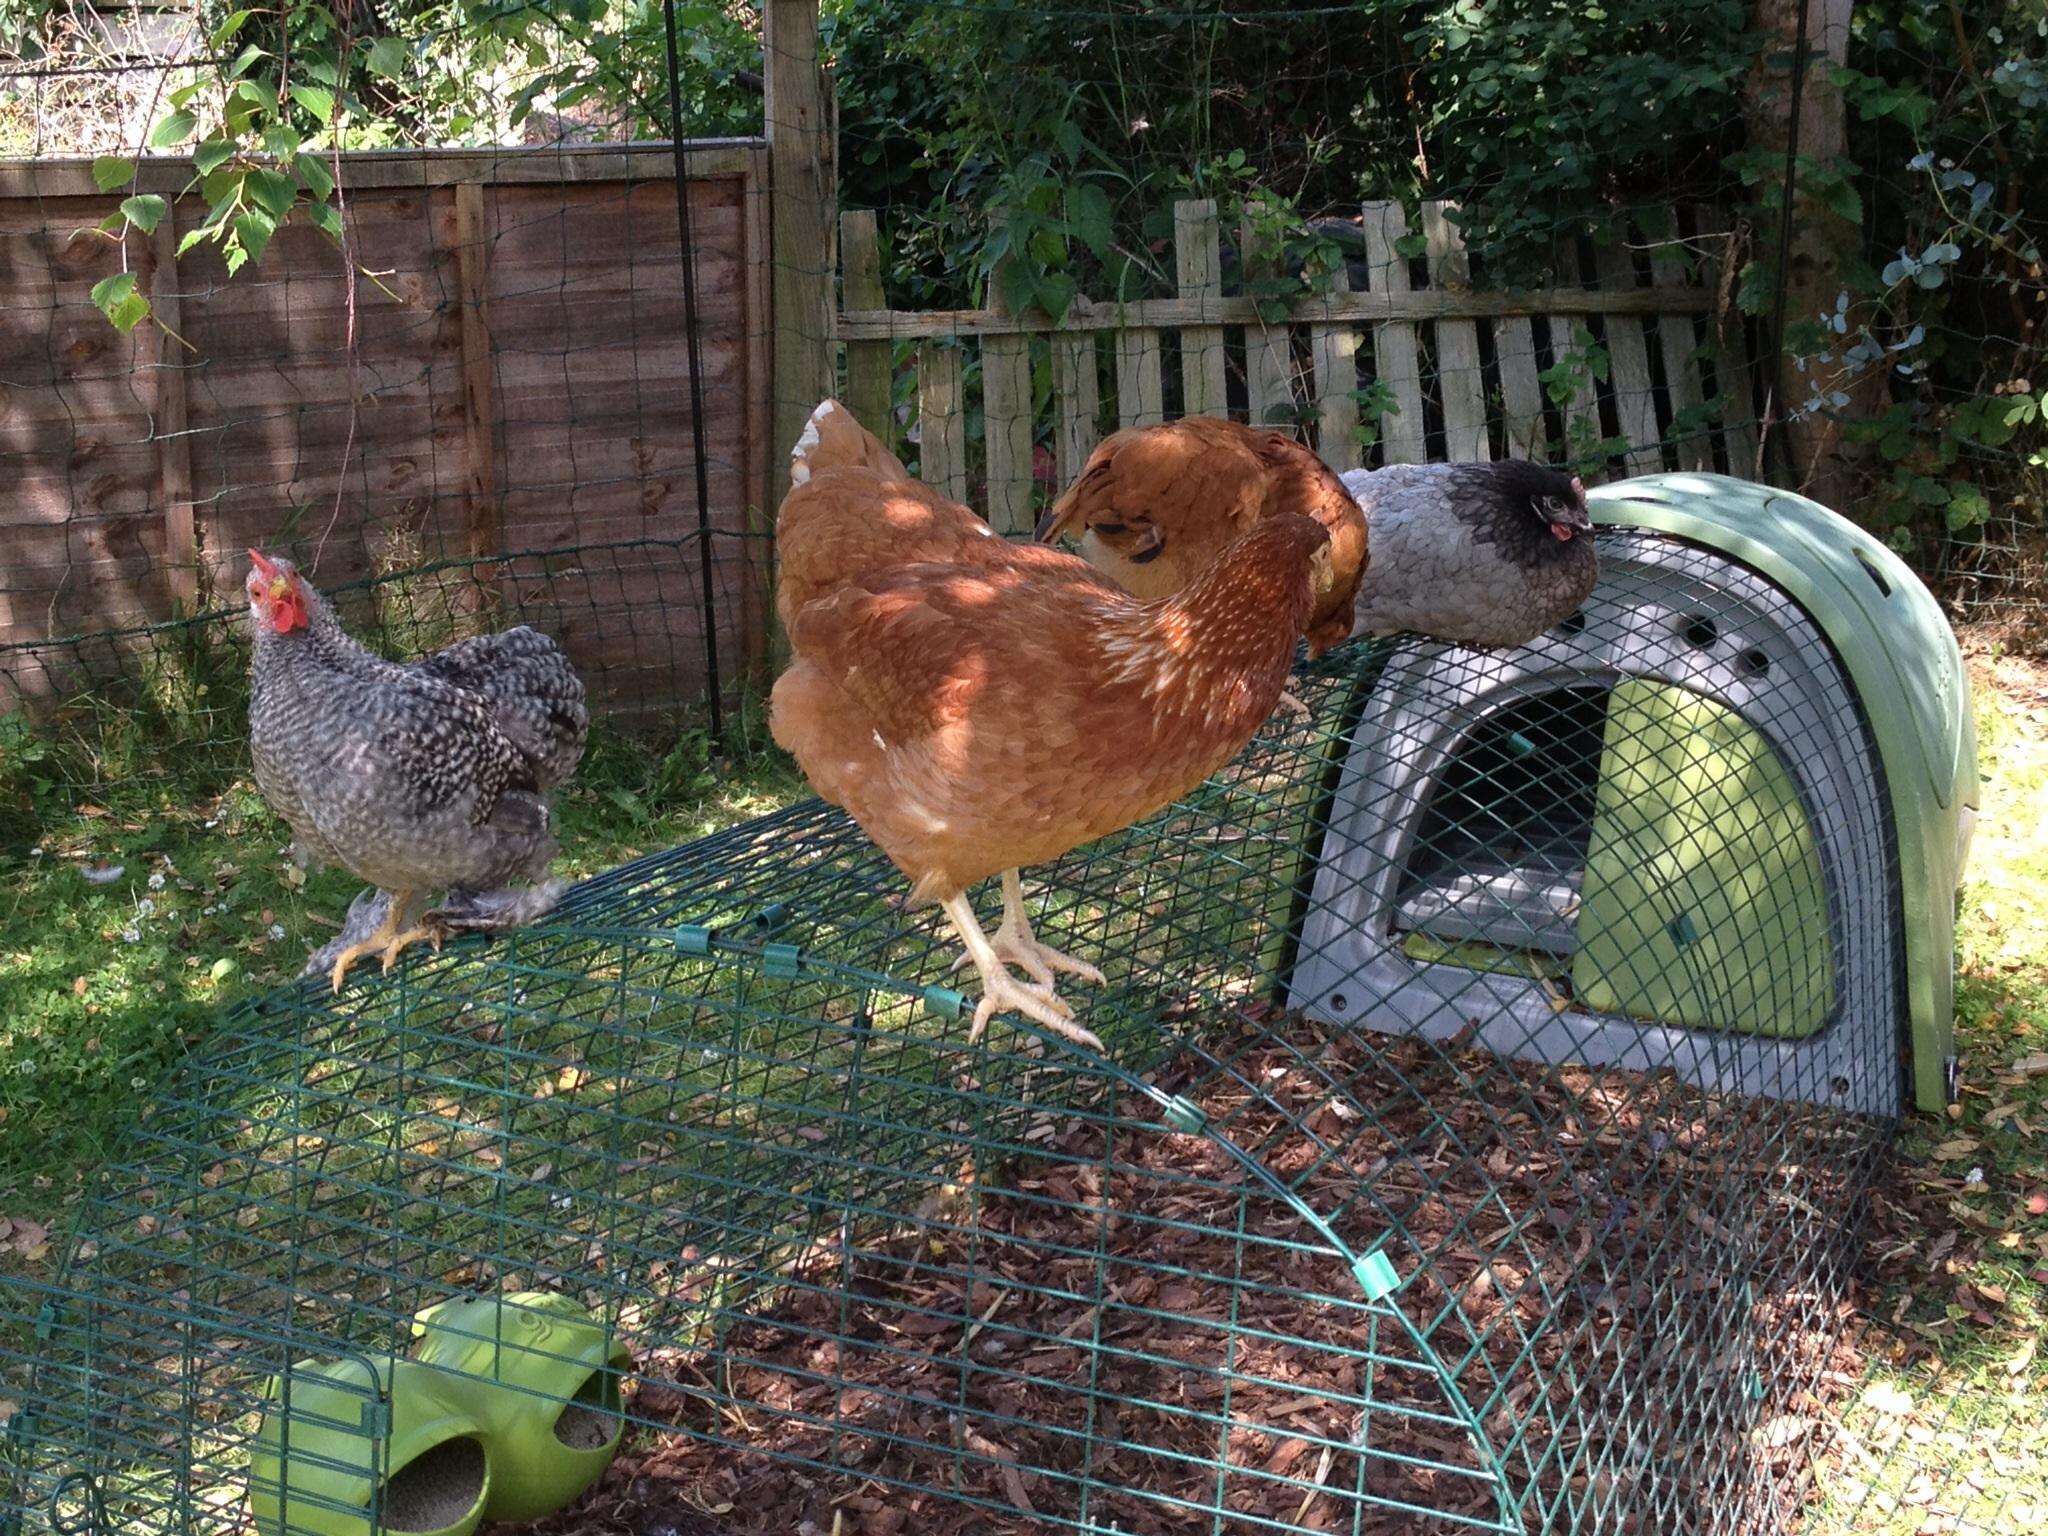 Les poules d'Emilia Taylor qui profitent d'un coin d'ombre dans le jardin